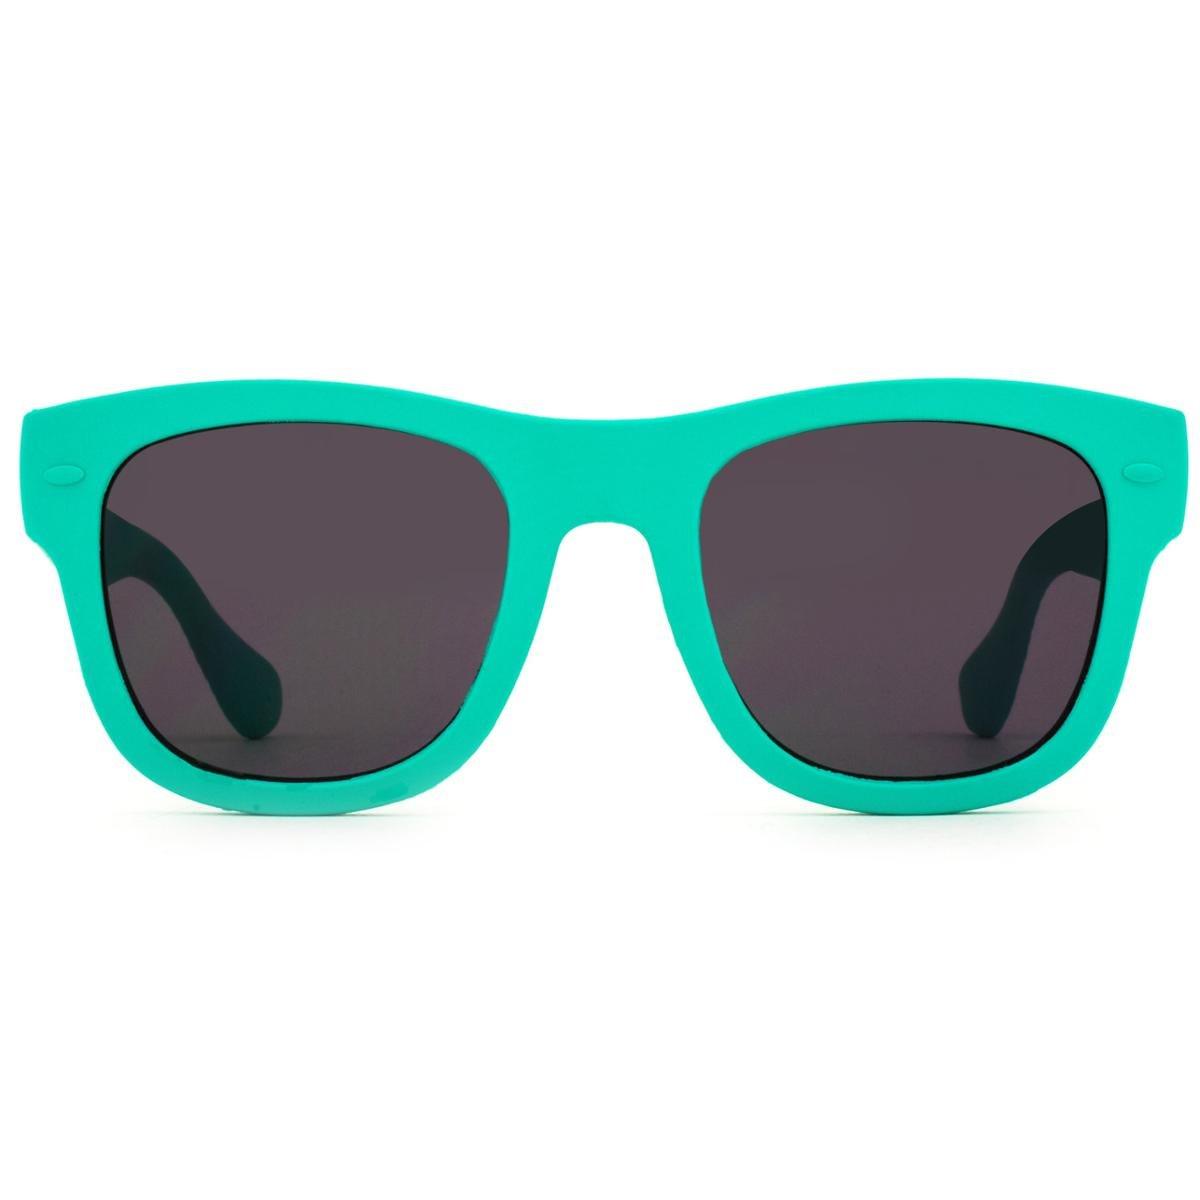 49a89db725bae Óculos de Sol Havaianas Paraty M QPP Y1-50 Masculino - Compre Agora    Netshoes